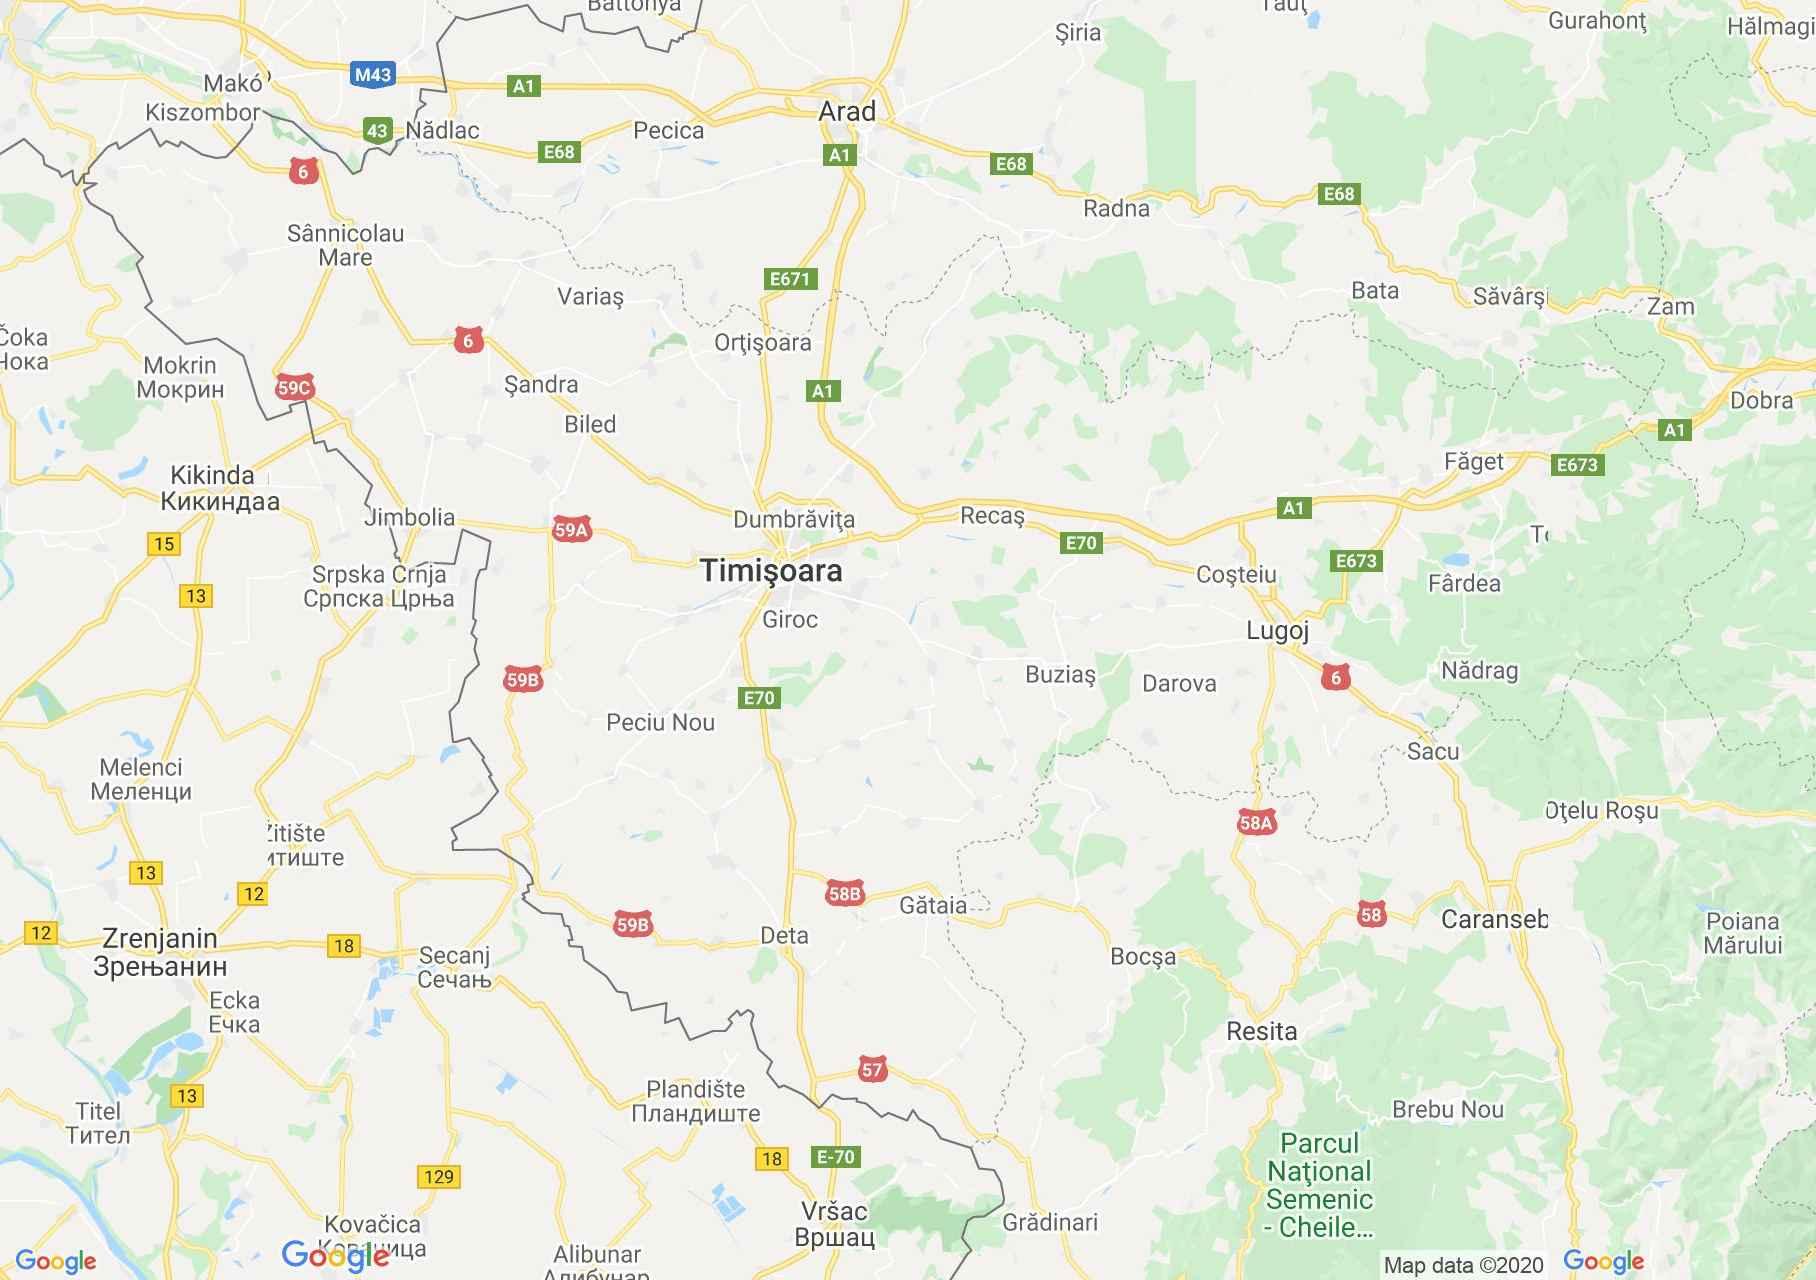 Temes megye: (Temesvár) interaktív turista térképe.